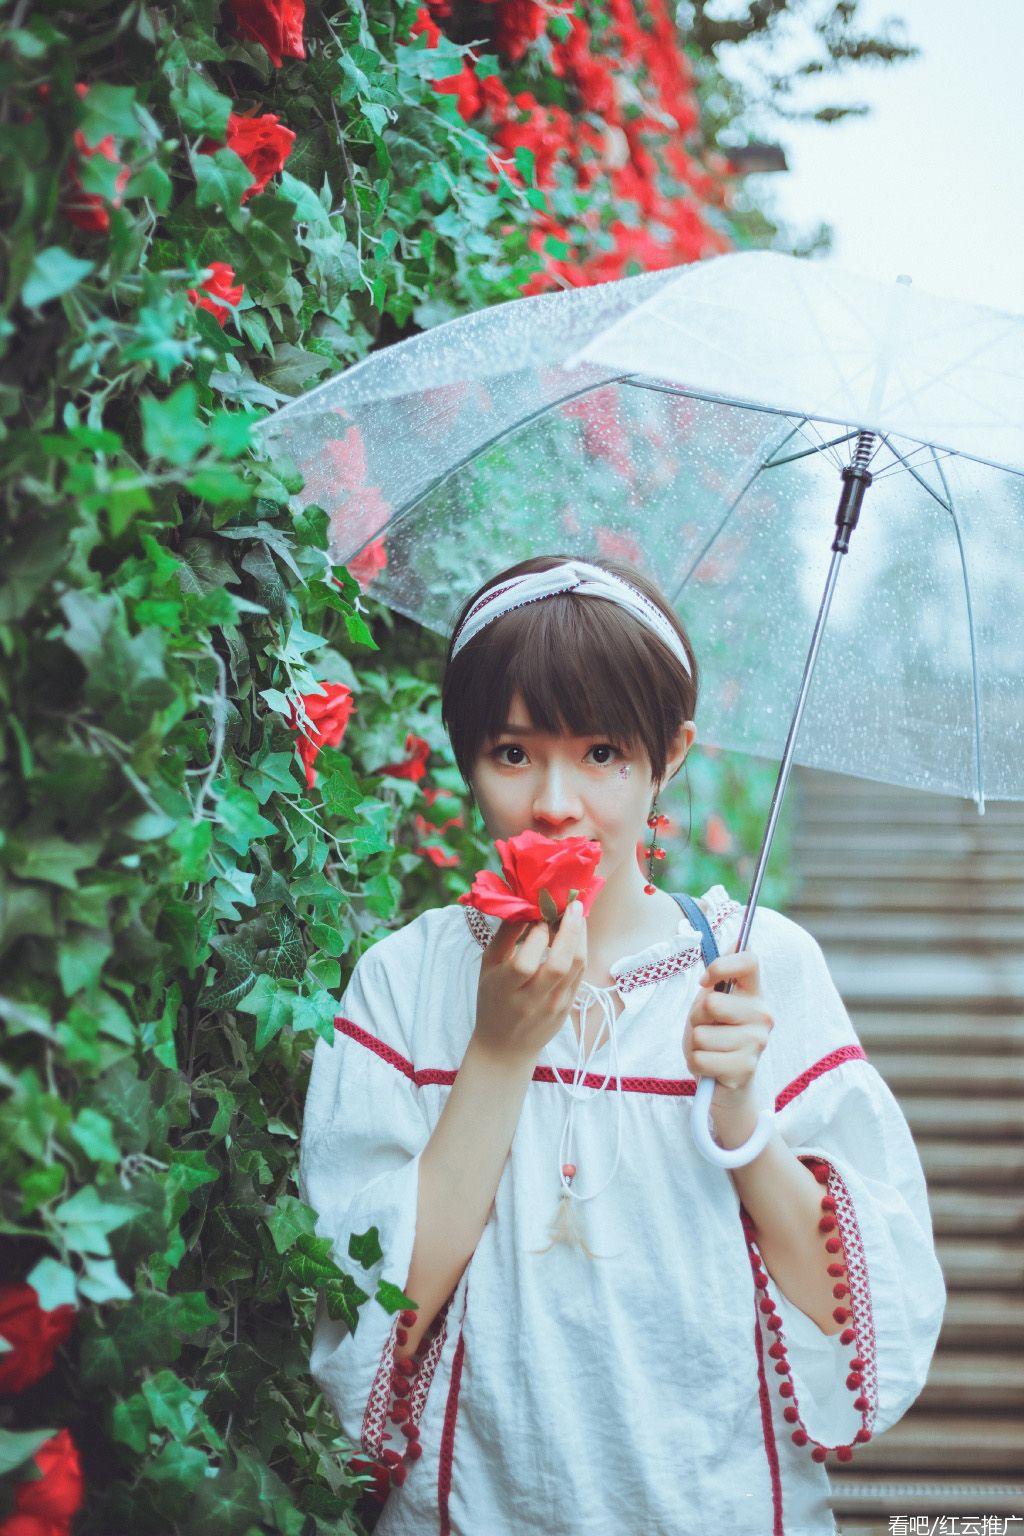 看看吧,打伞青纯美眉,是不是很养眼?